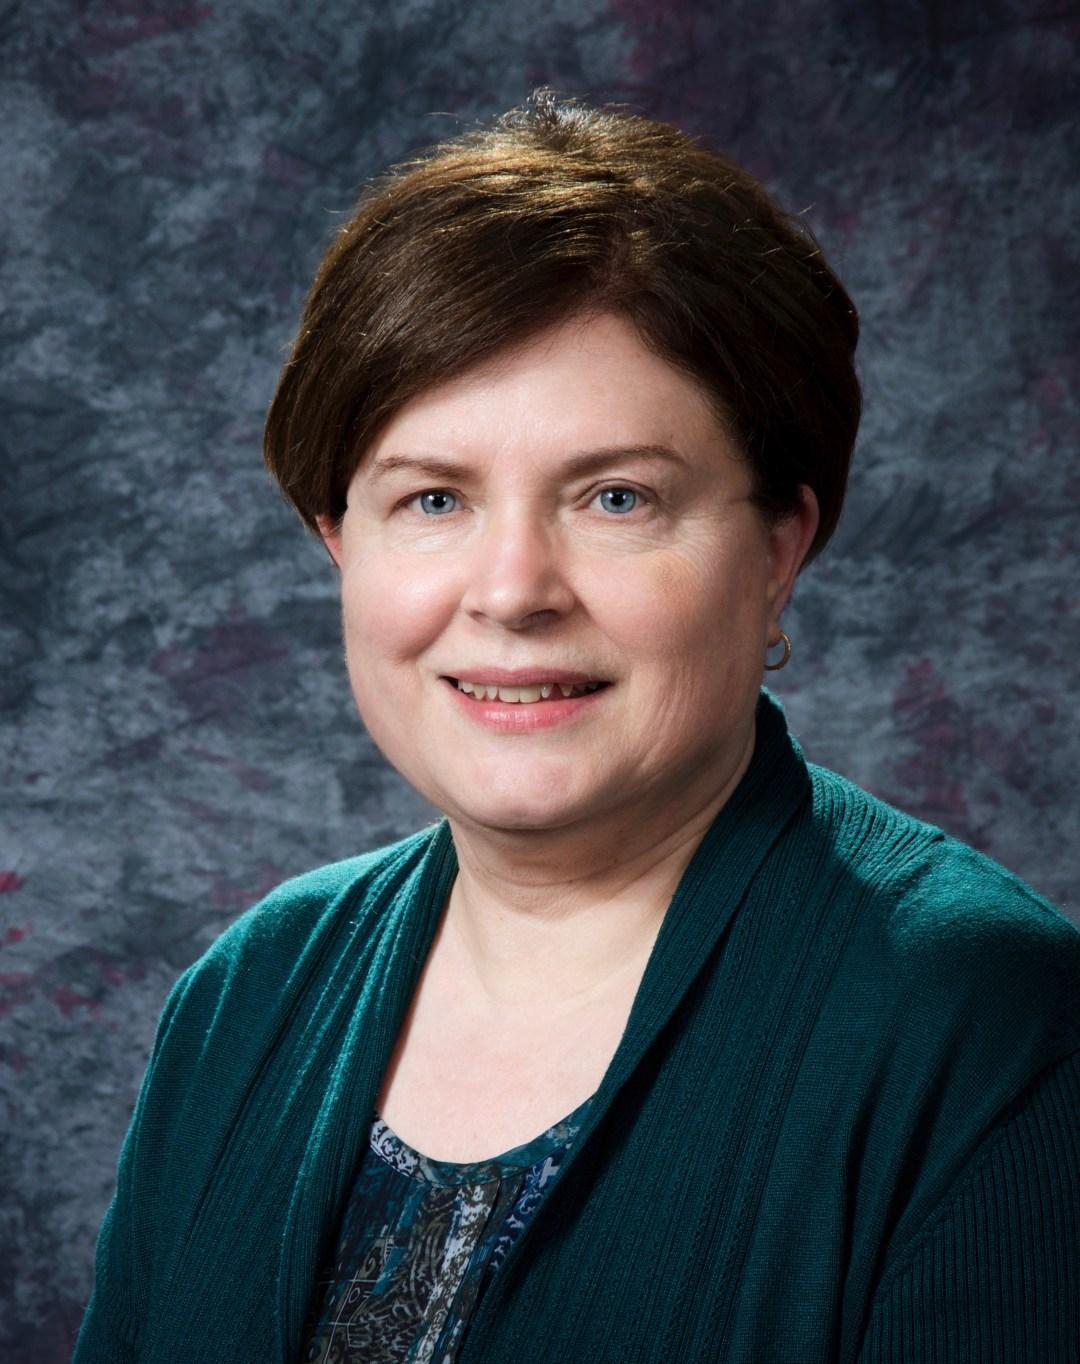 Rev. Susan Barham